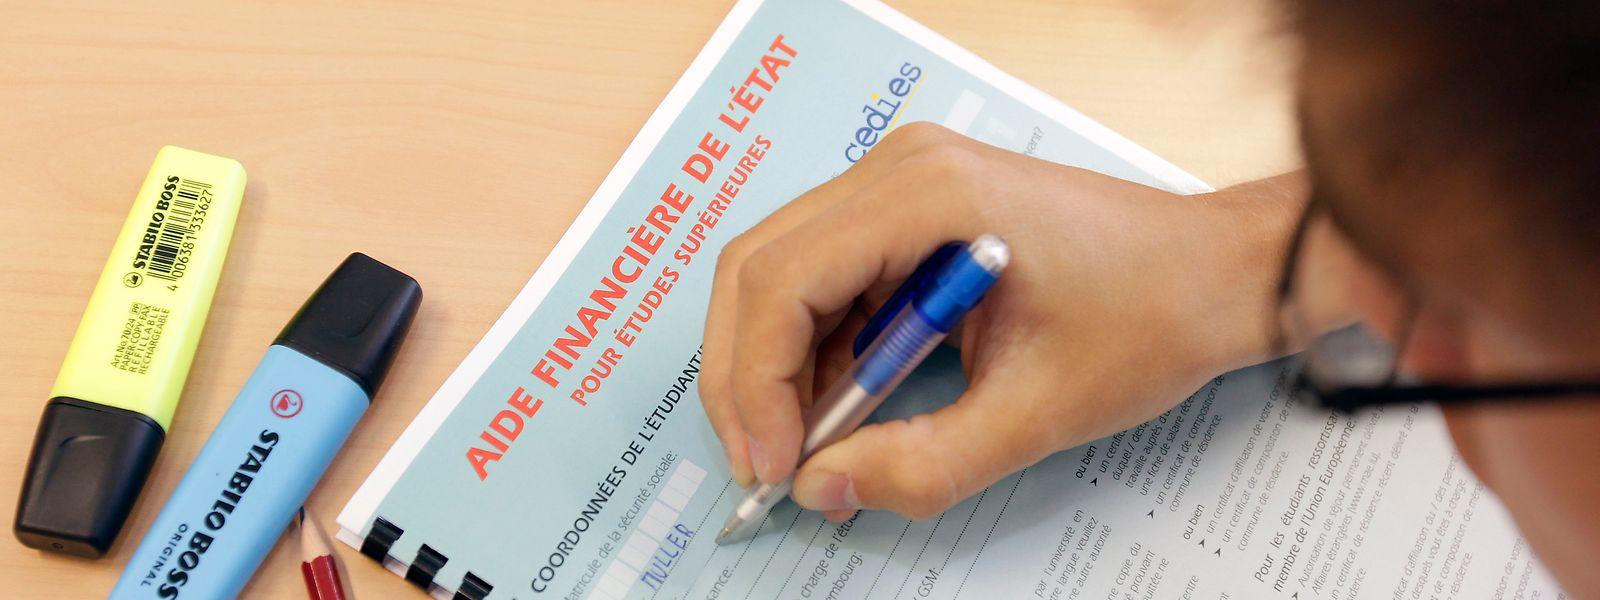 Studenten, die nicht in Luxemburg wohnen, müssen verschiedene Kriterien erfüllen, wenn sie eine Studienbeihilfe vom Luxemburger Staat in Anspruch nehmen wollen.